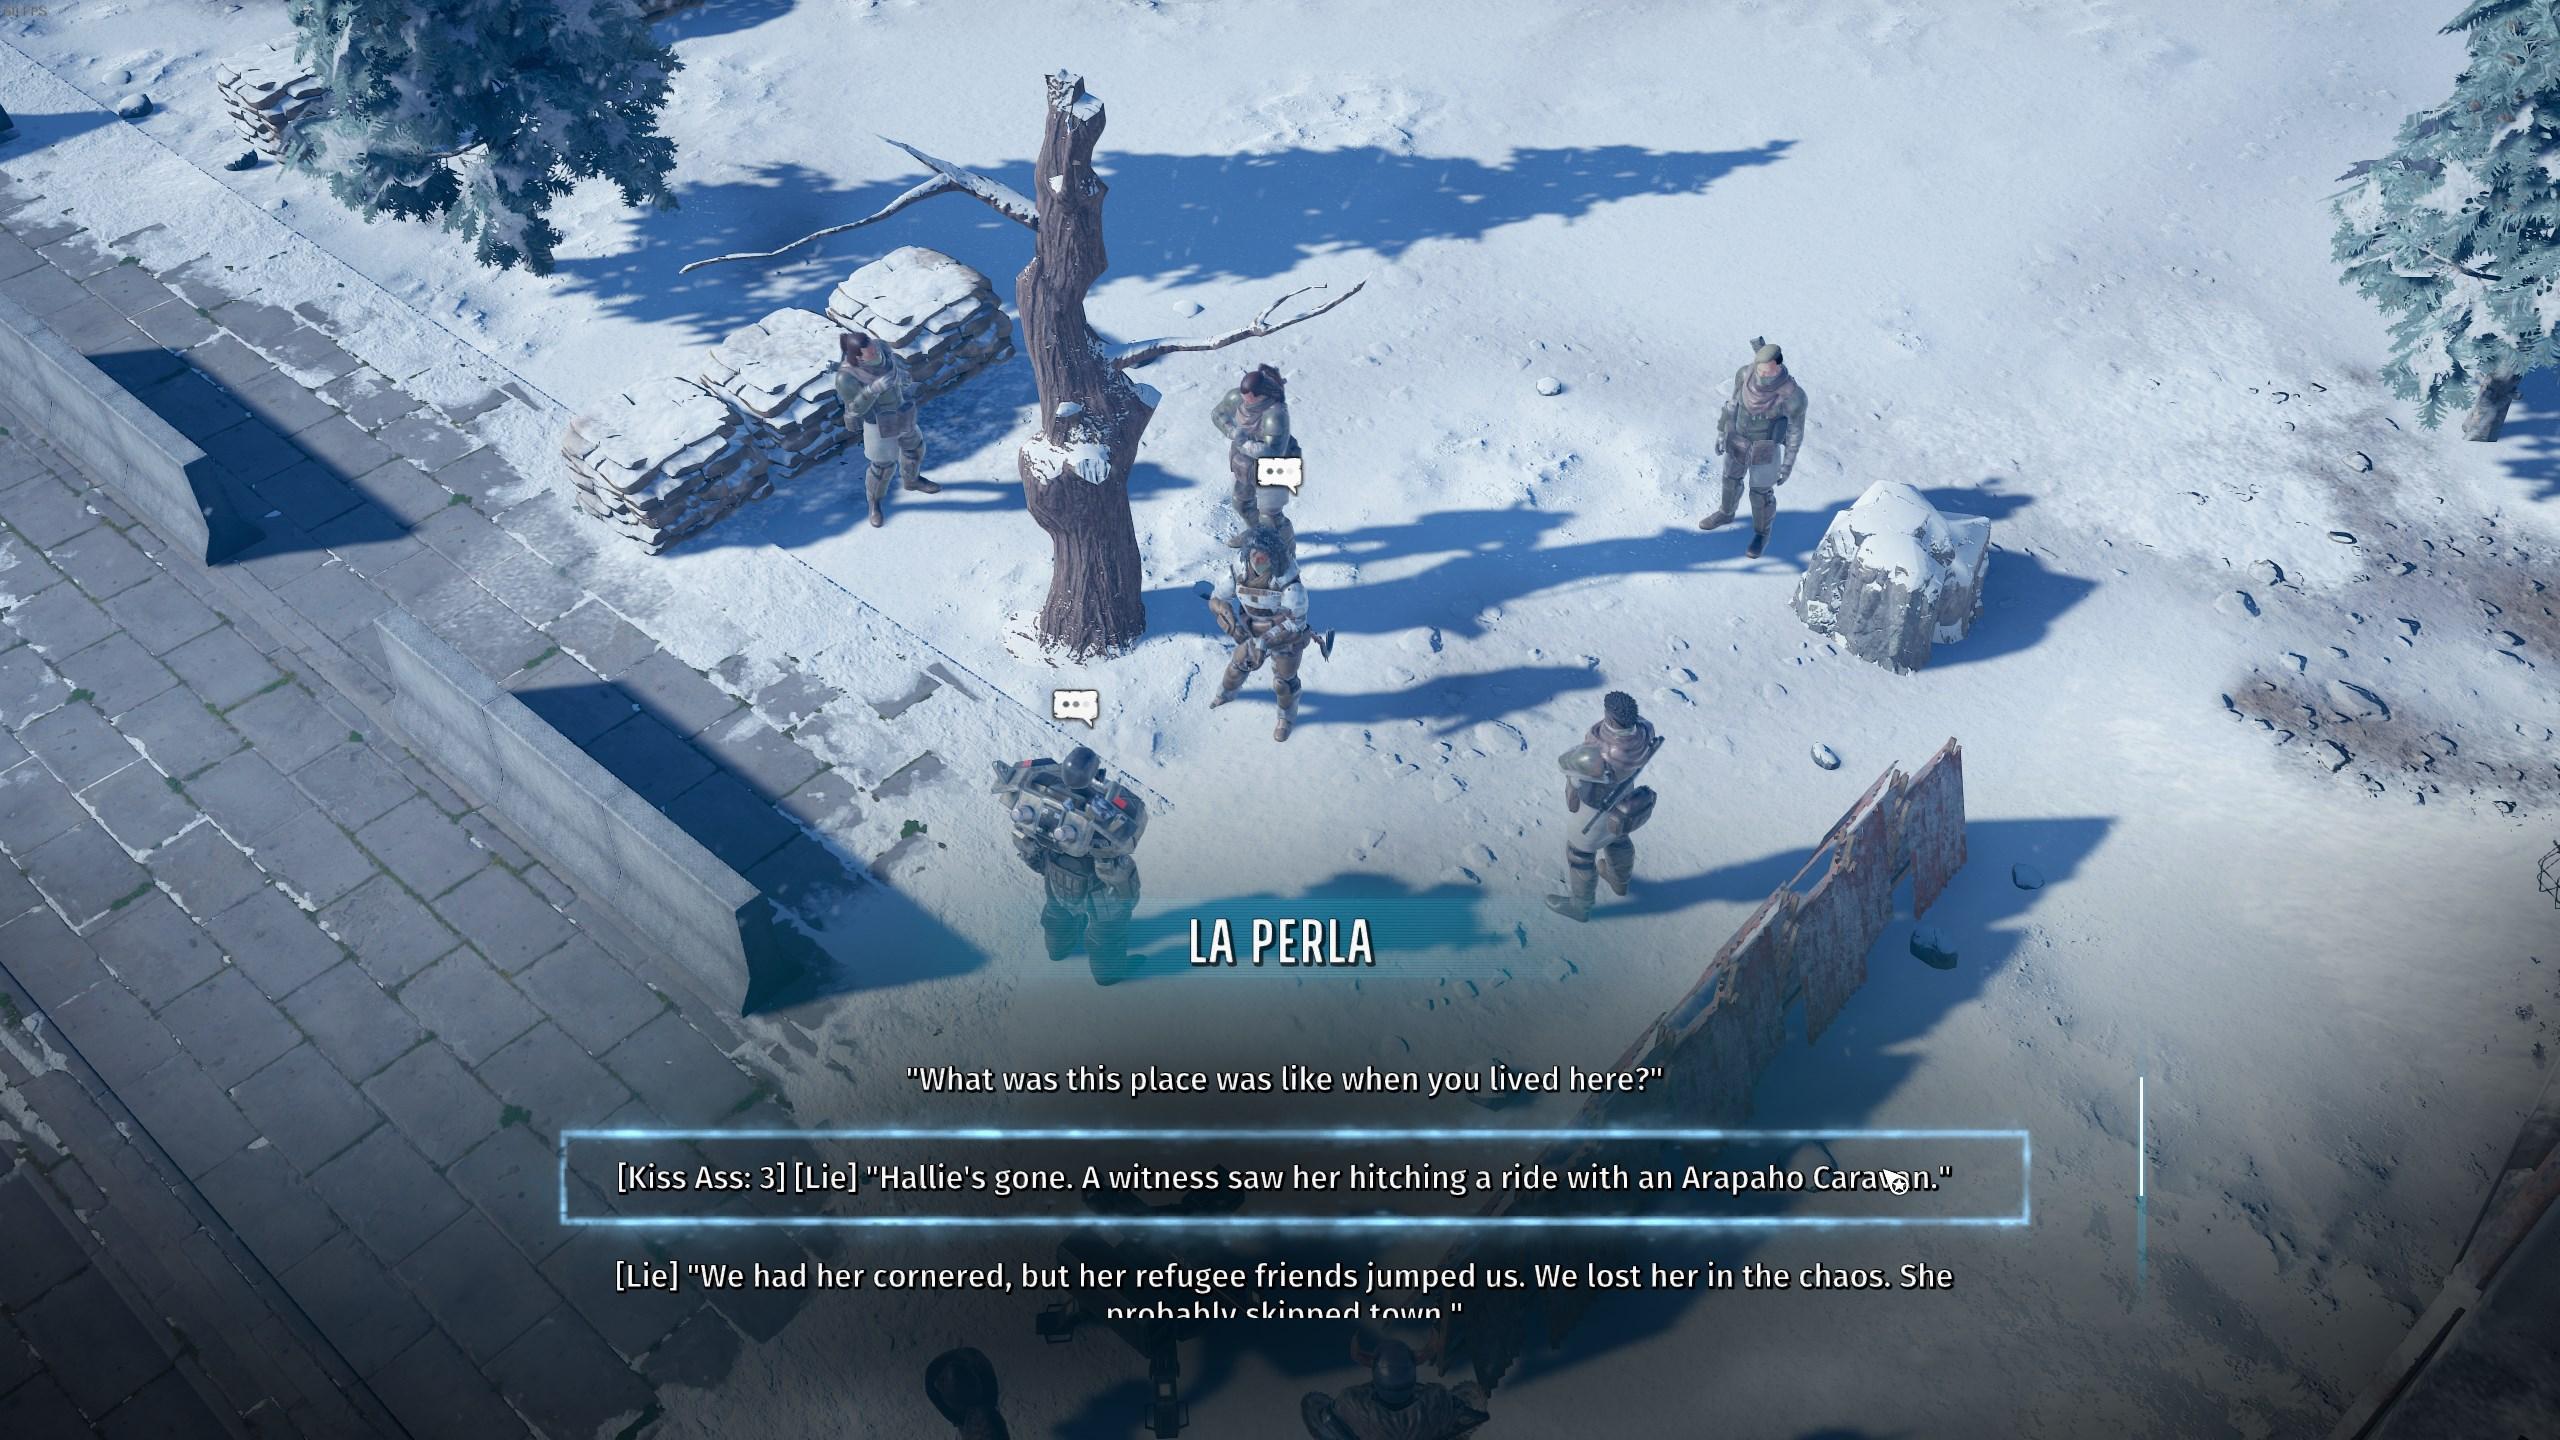 La Perla dialogue - Ranger HQ vault codes - Wasteland 3